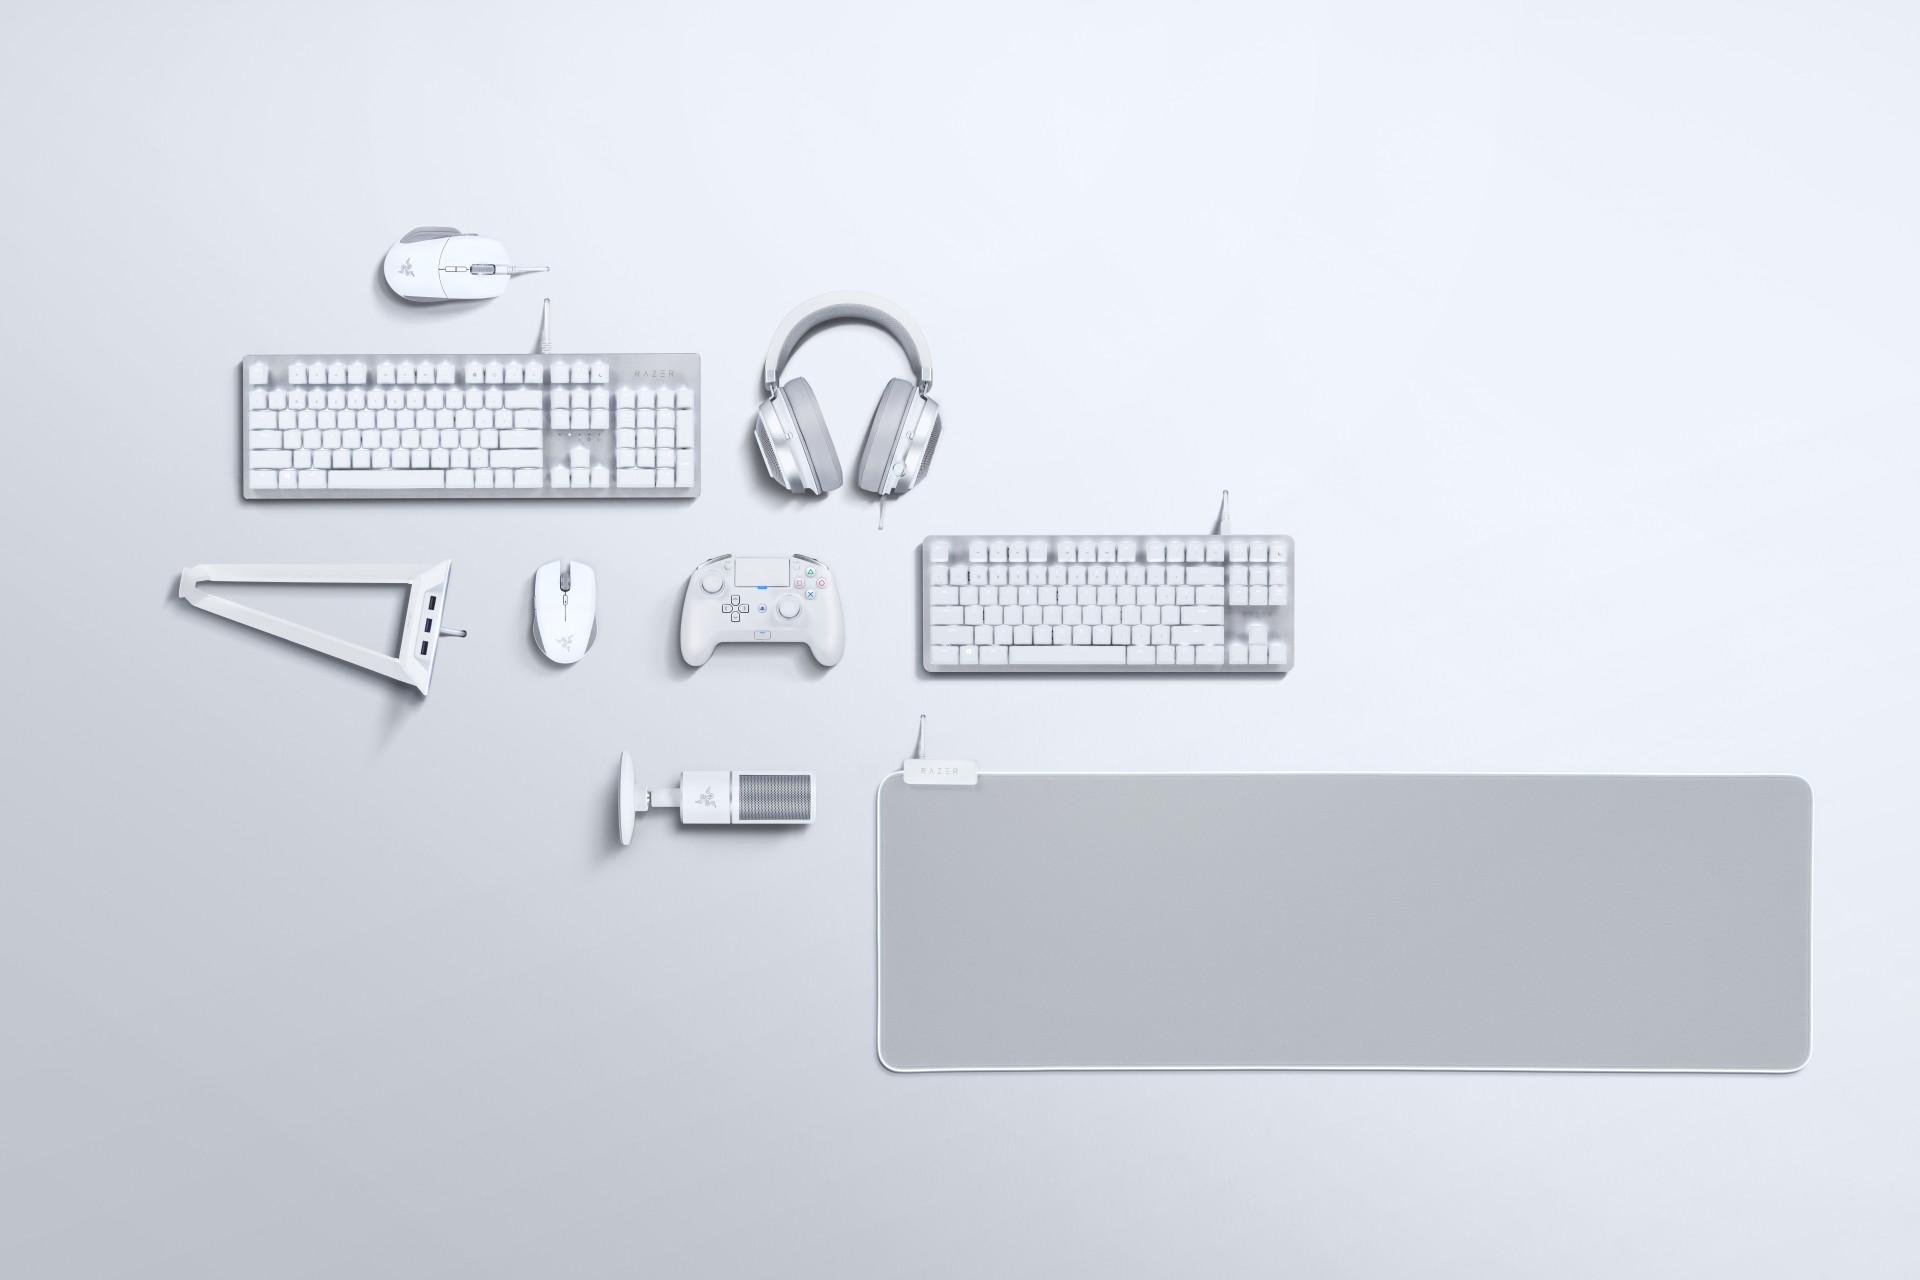 Razer Mercury 2019 - białe wersje urządzeń peryferyjnych i akcesoriów 1